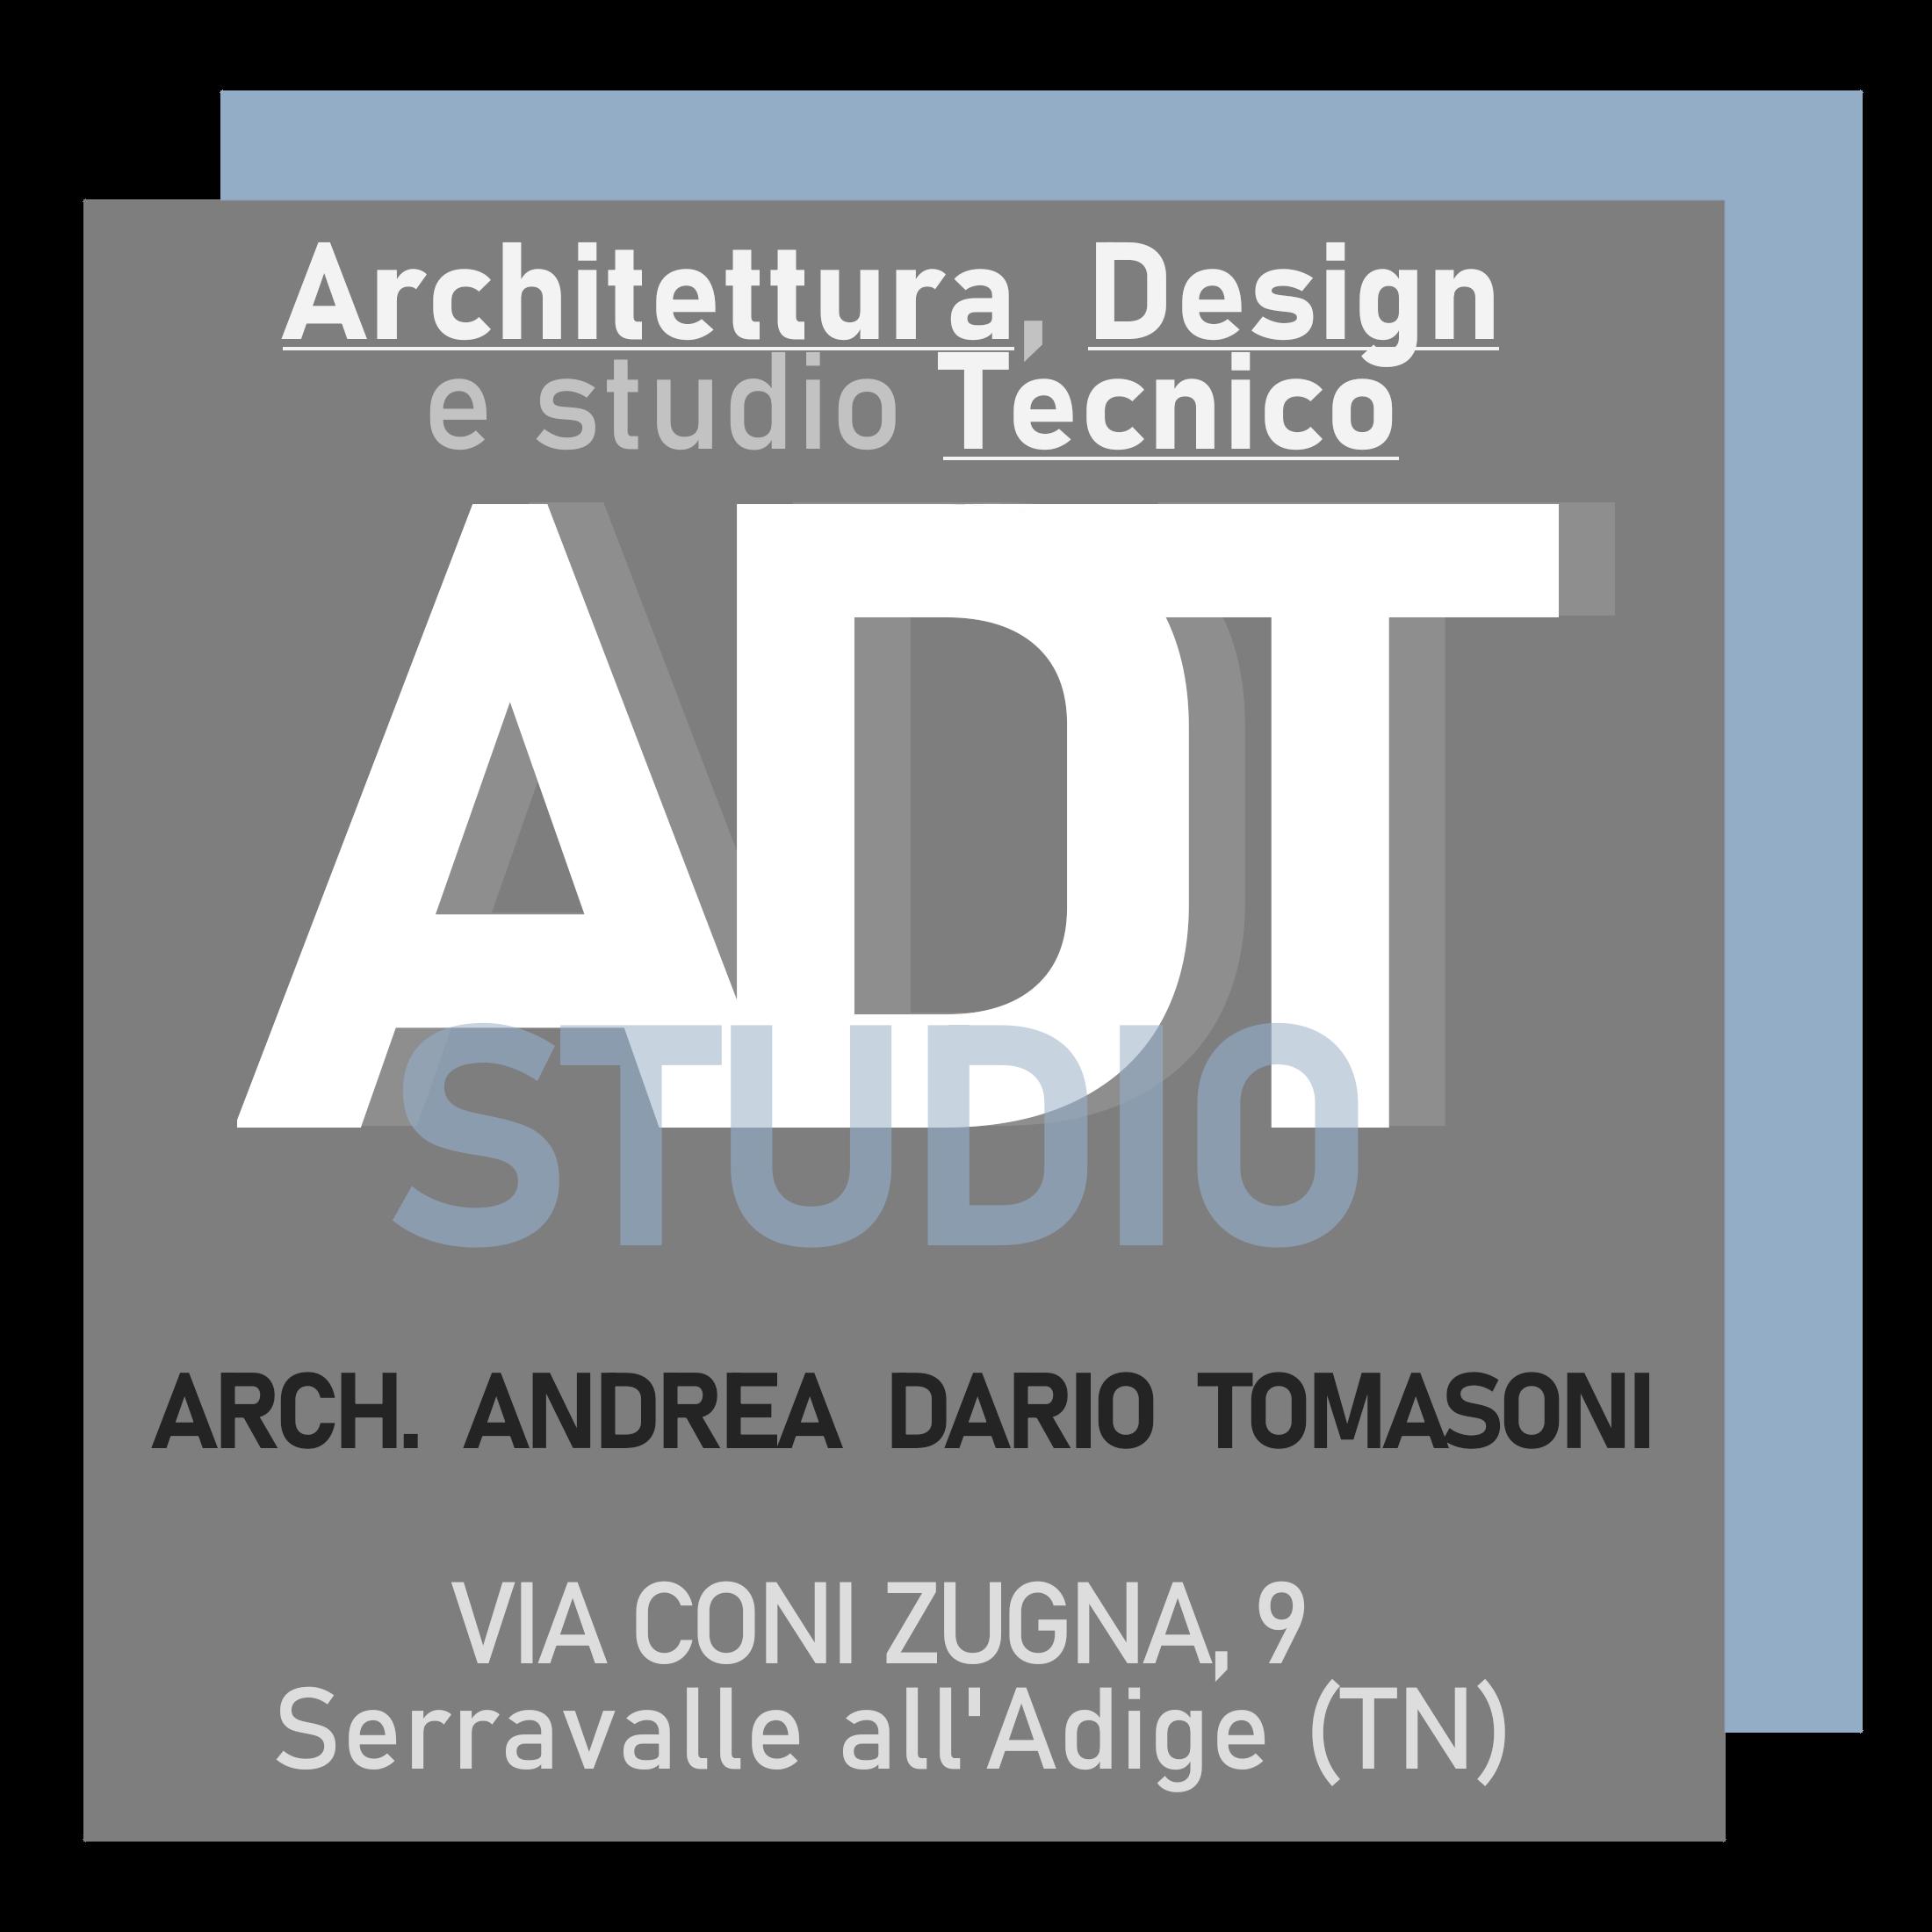 STUDIO ADT